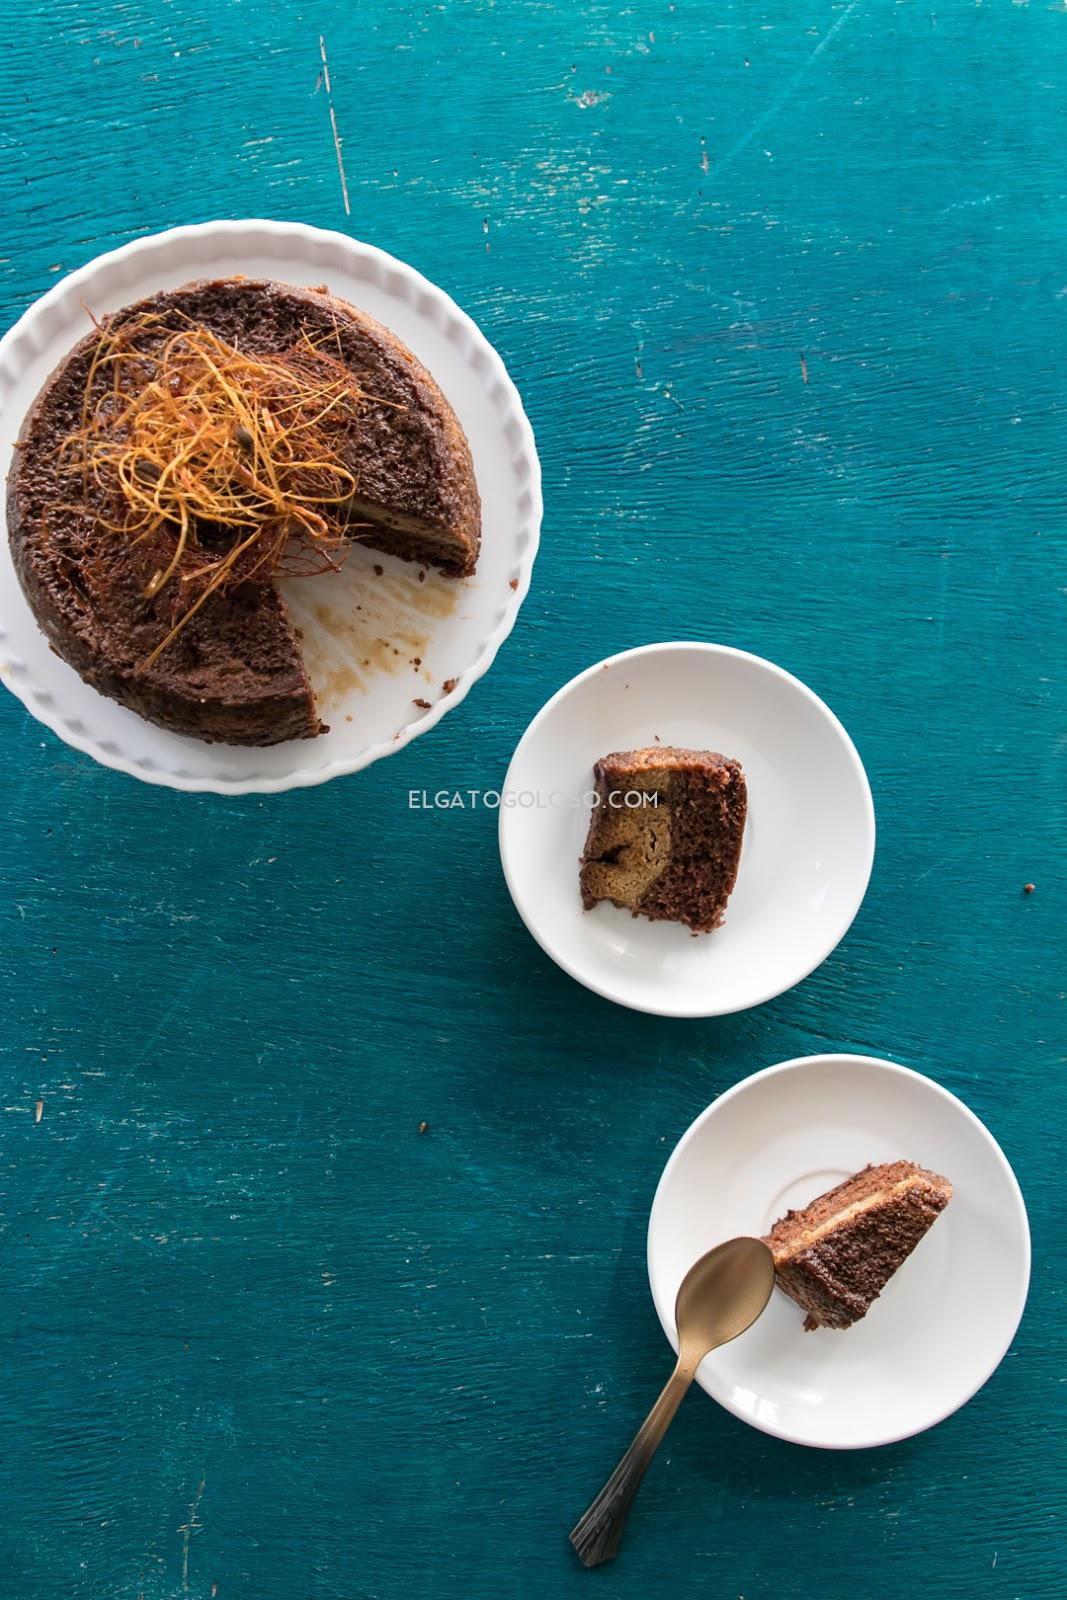 Torta-quesillo (chocoflan) de café vía www.elgatogoloso.com